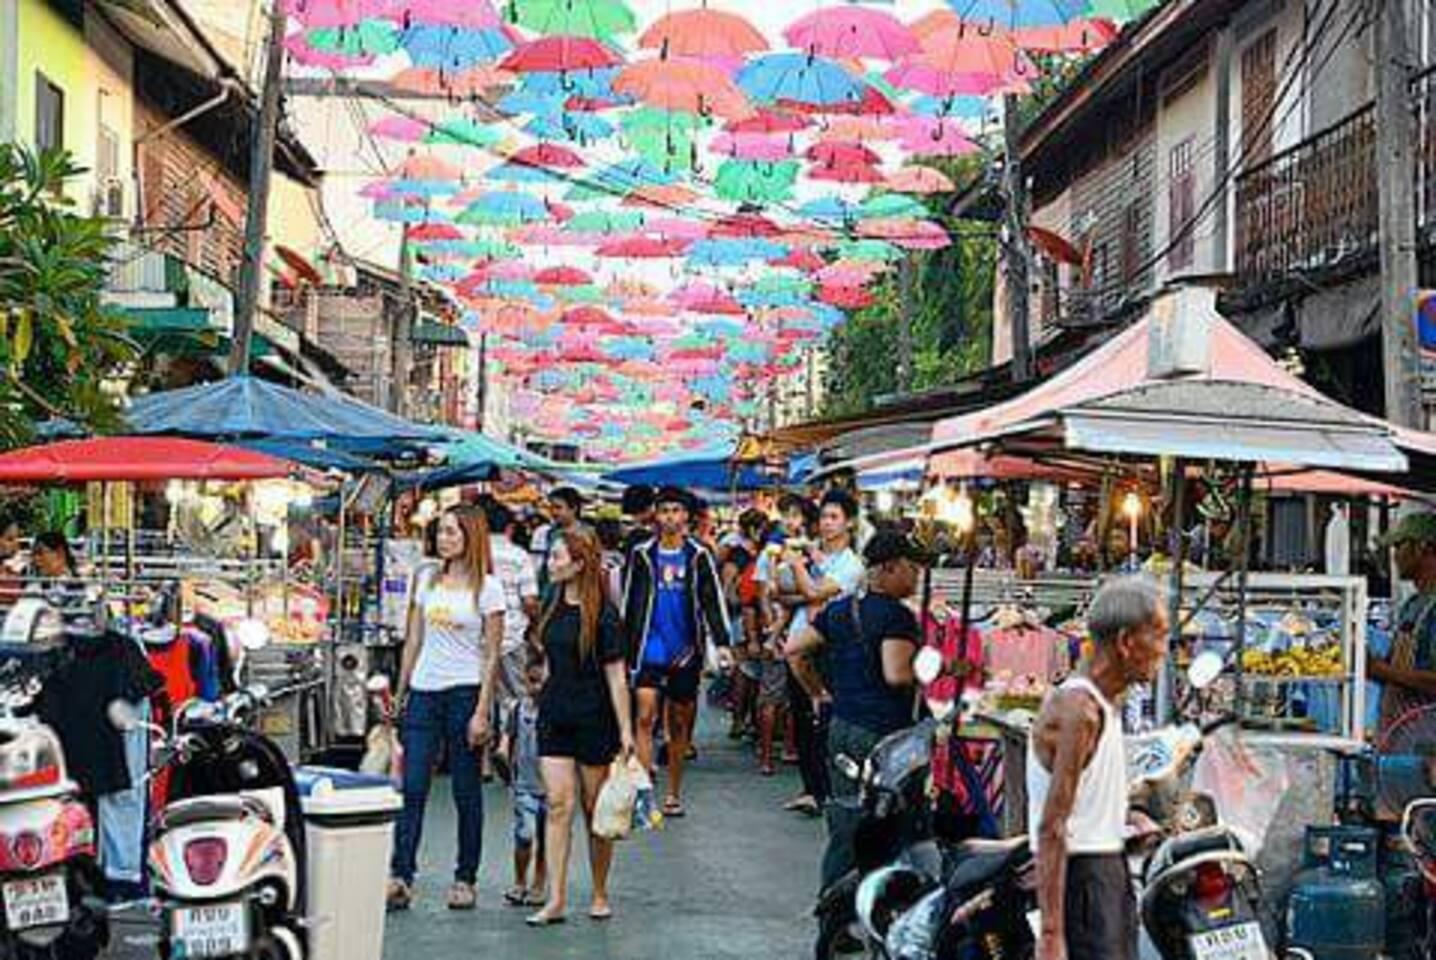 Don't miss!!! Suratthani night market open everyday